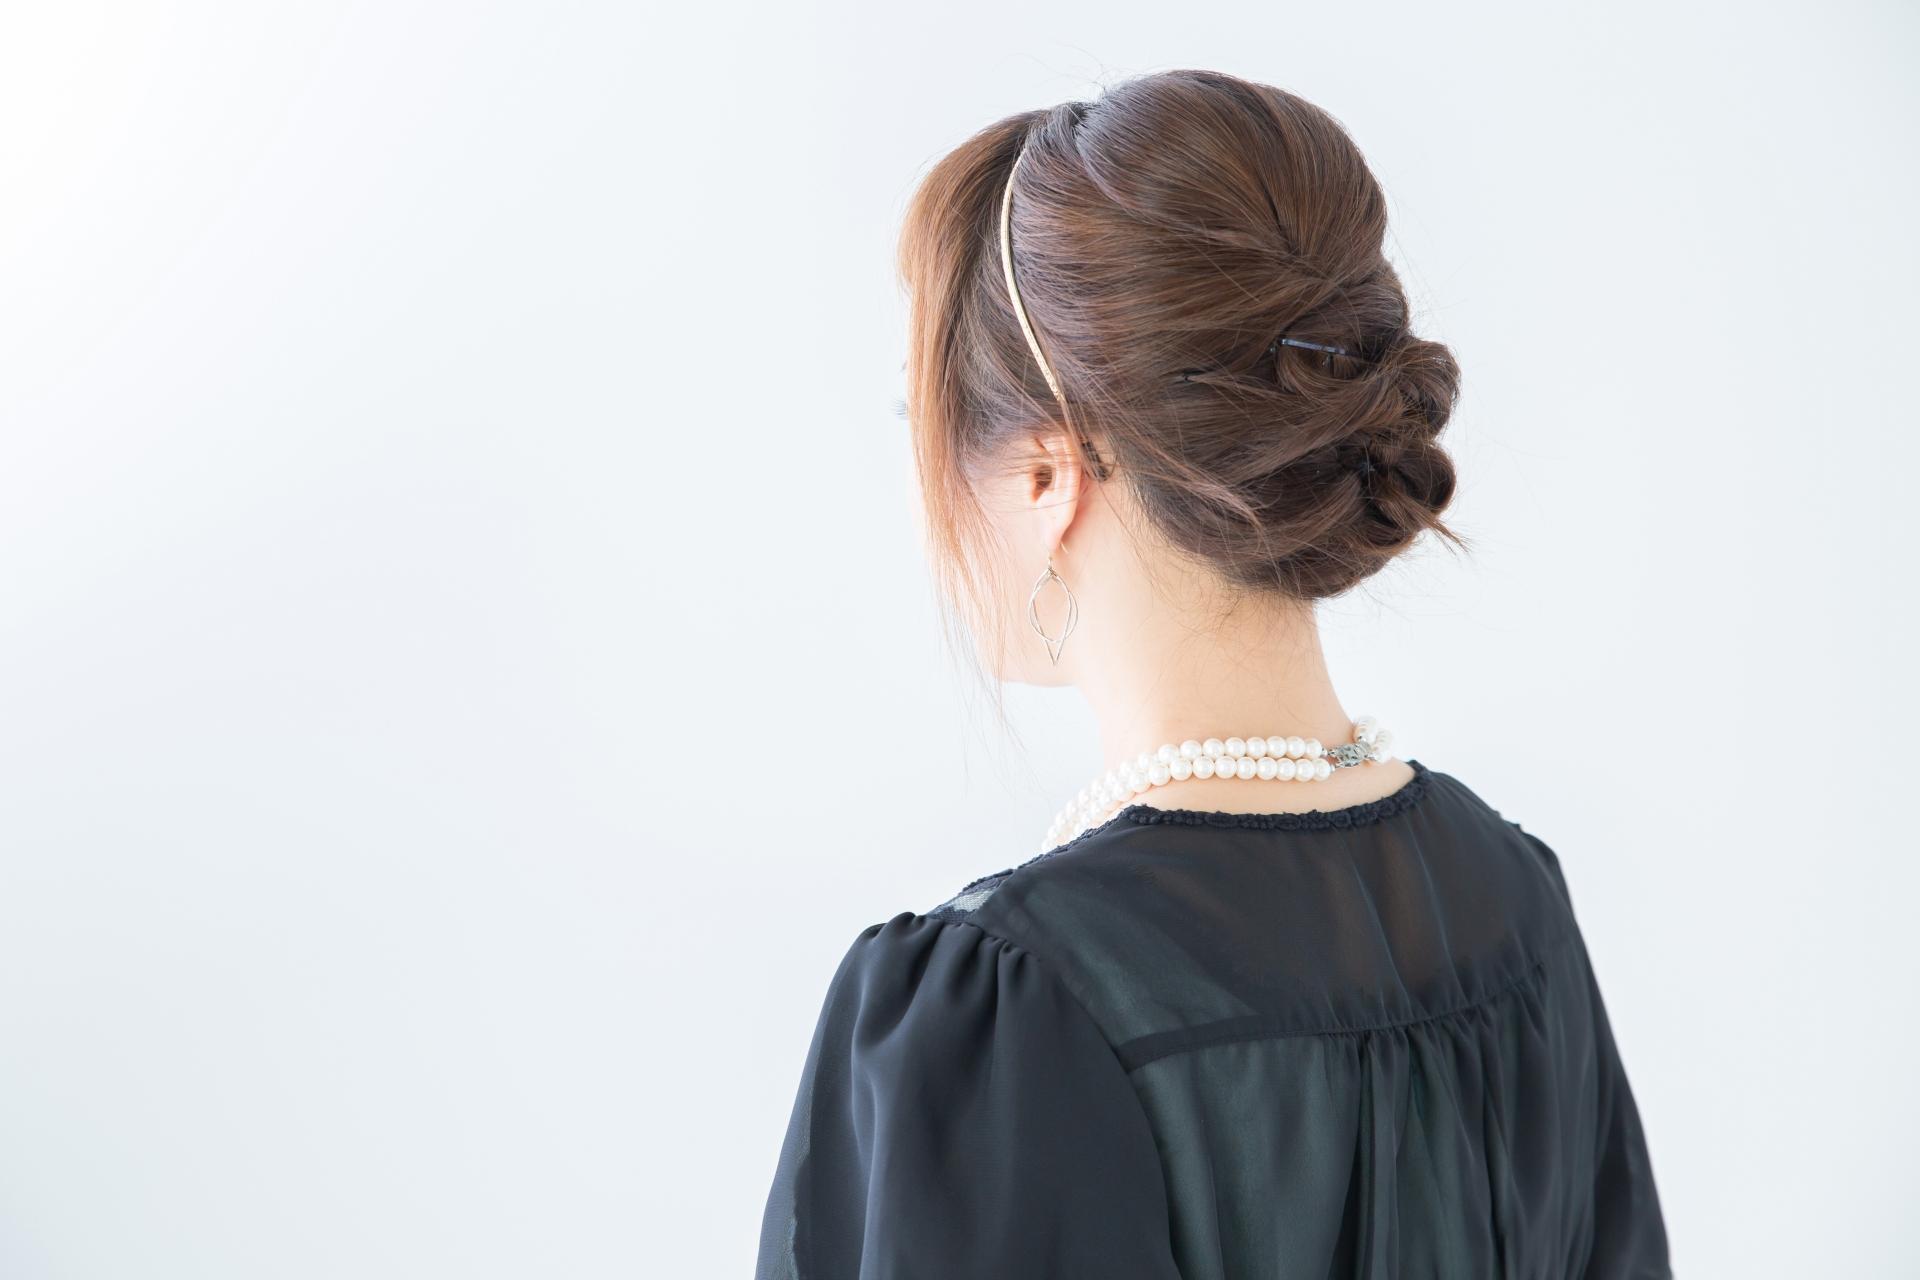 5.「ちなみに、」結婚式にはあまりおすすめできない髪型とは?